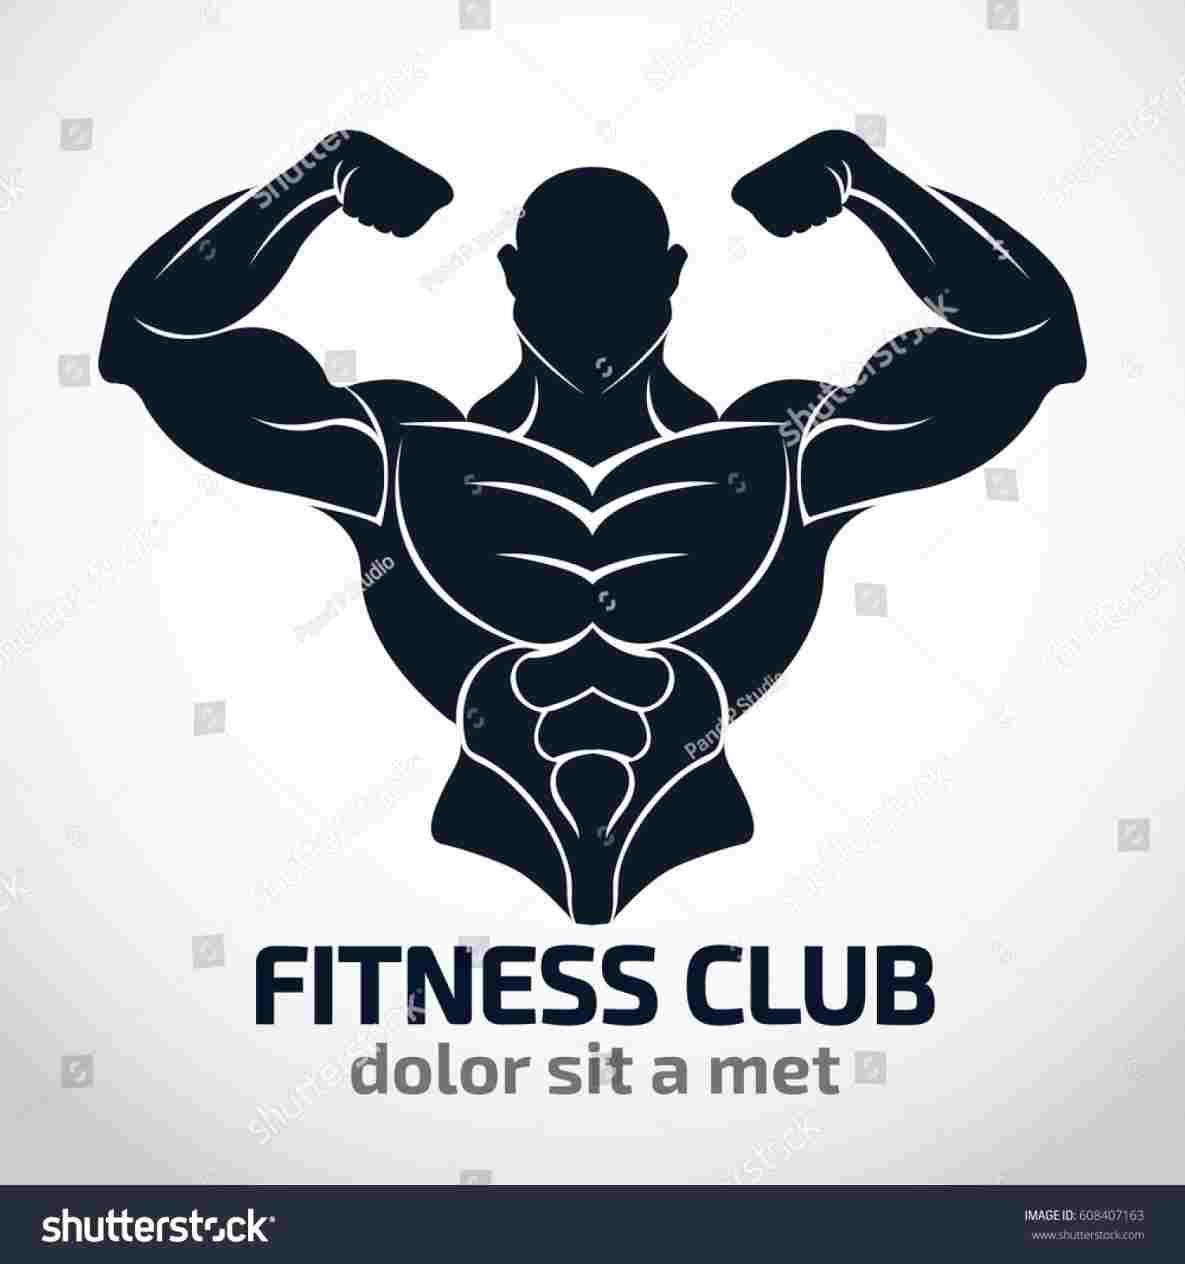 1185x1264 Object Icons Sport Stock Photo Rhshutterstockcom Gym Bodybuilding